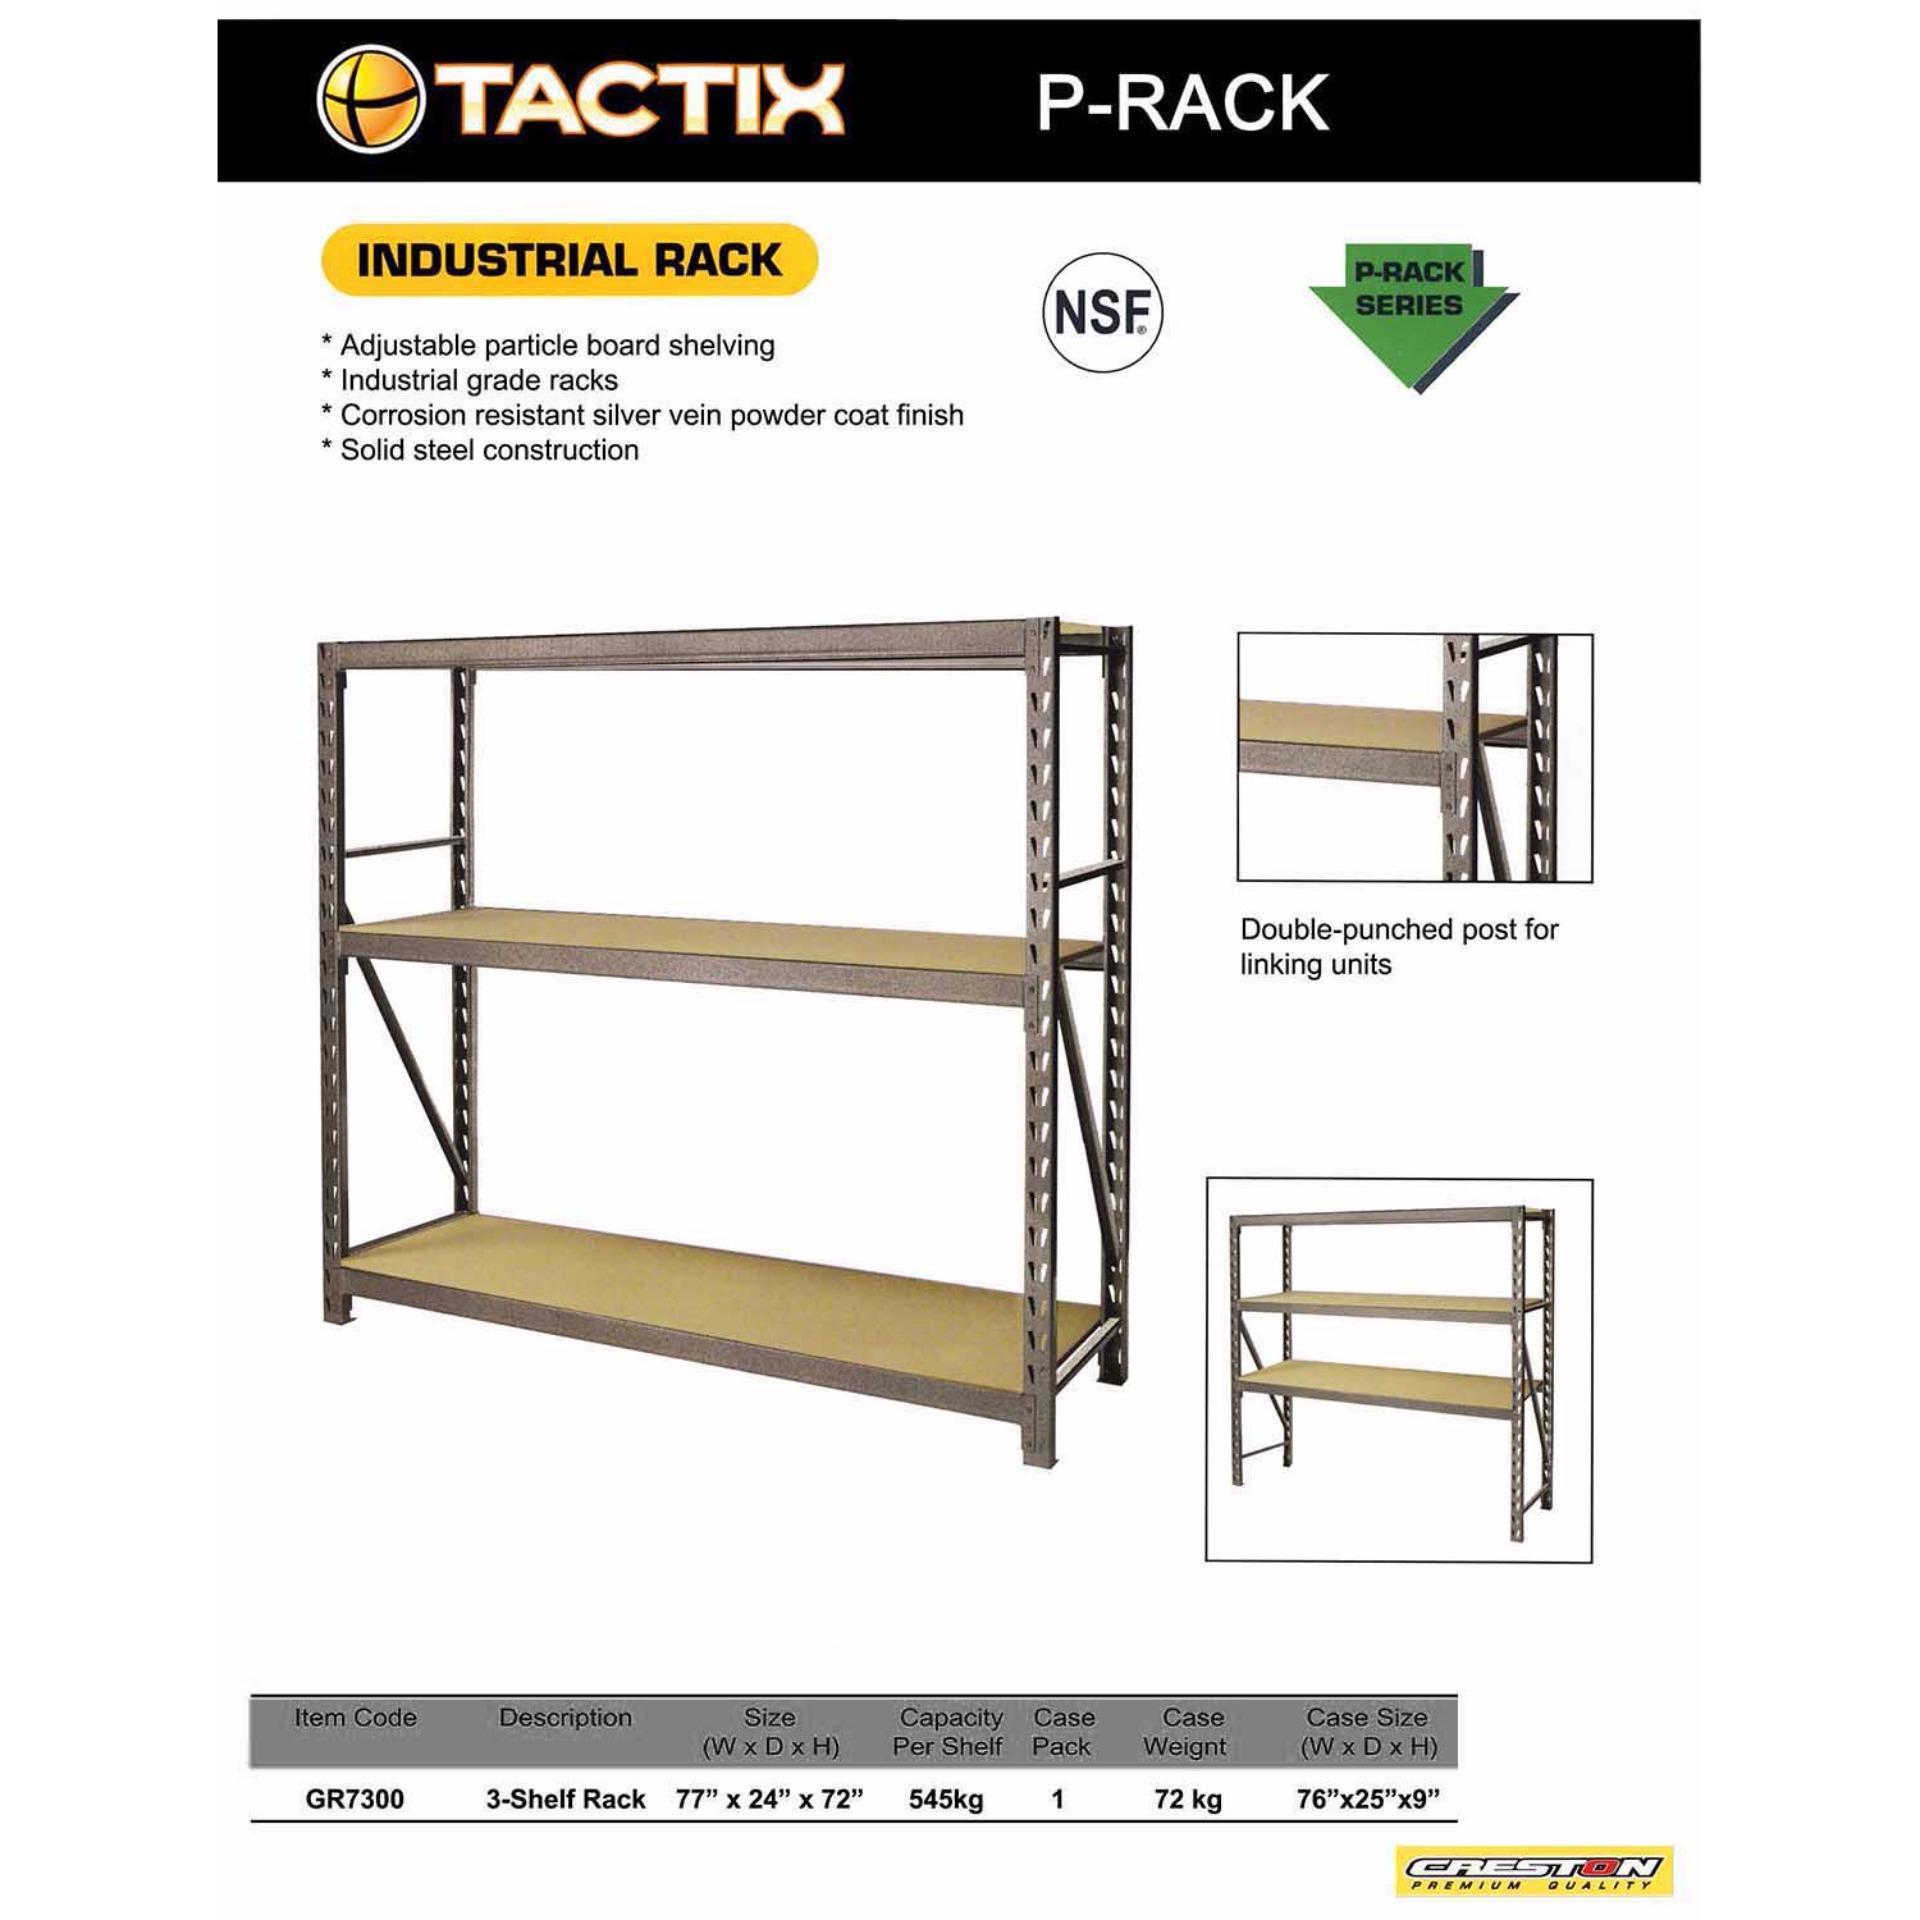 Tactix Industrial Storage Rack P-Rack Series 3 Shelves Rack (77  sc 1 st  9price.info & Philippines | Tactix Industrial Storage Rack P-Rack Series 3 Shelves ...